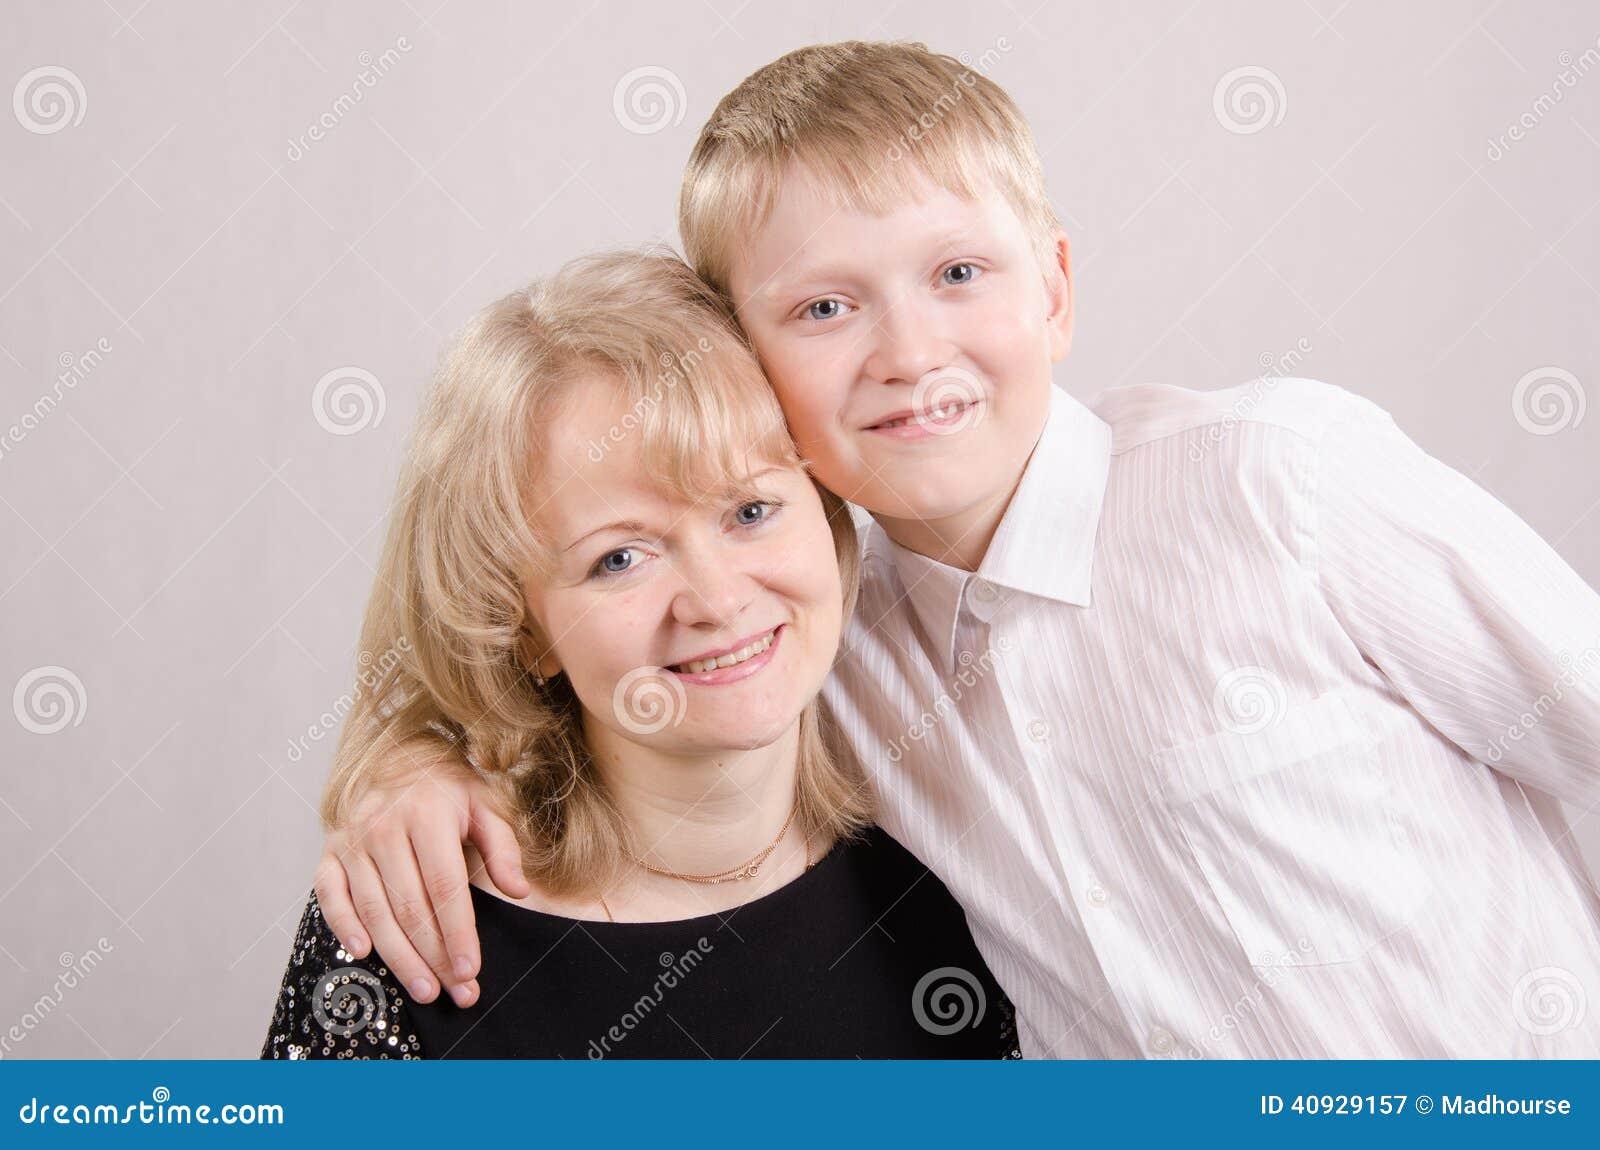 Толстая мама с сыном трахаются онлайн, Сын трахнул толстую мать -видео. Смотреть сын 27 фотография